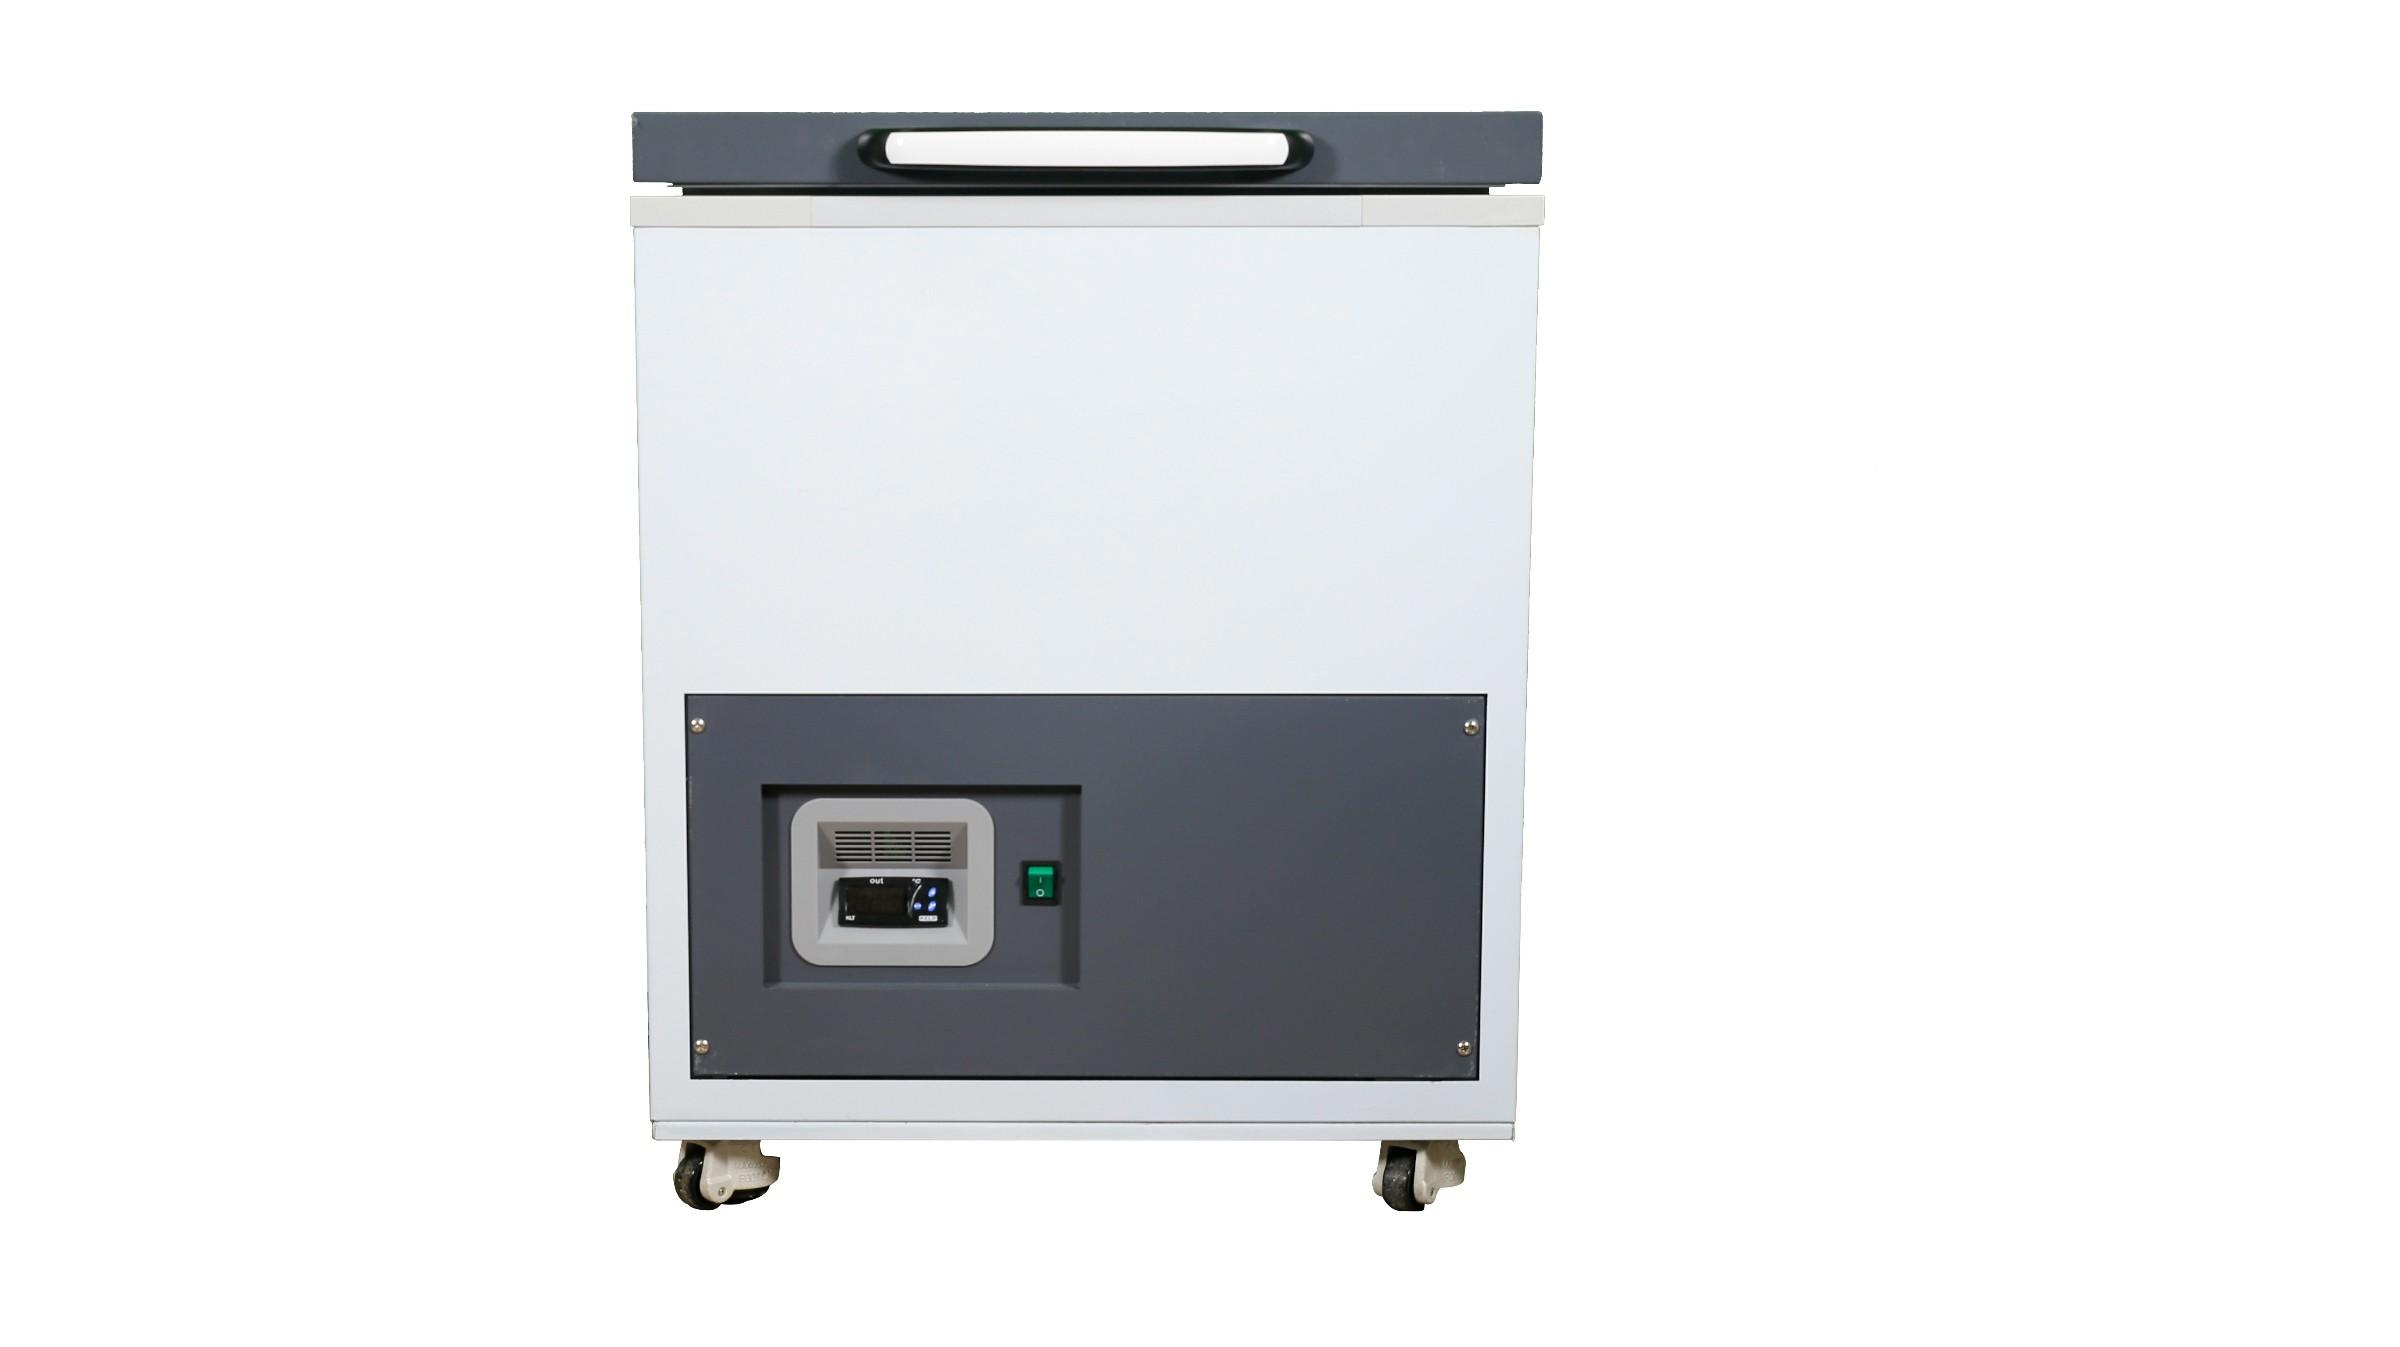 优惠的冰箱-超值的-180度环保型冷冻机供应信息